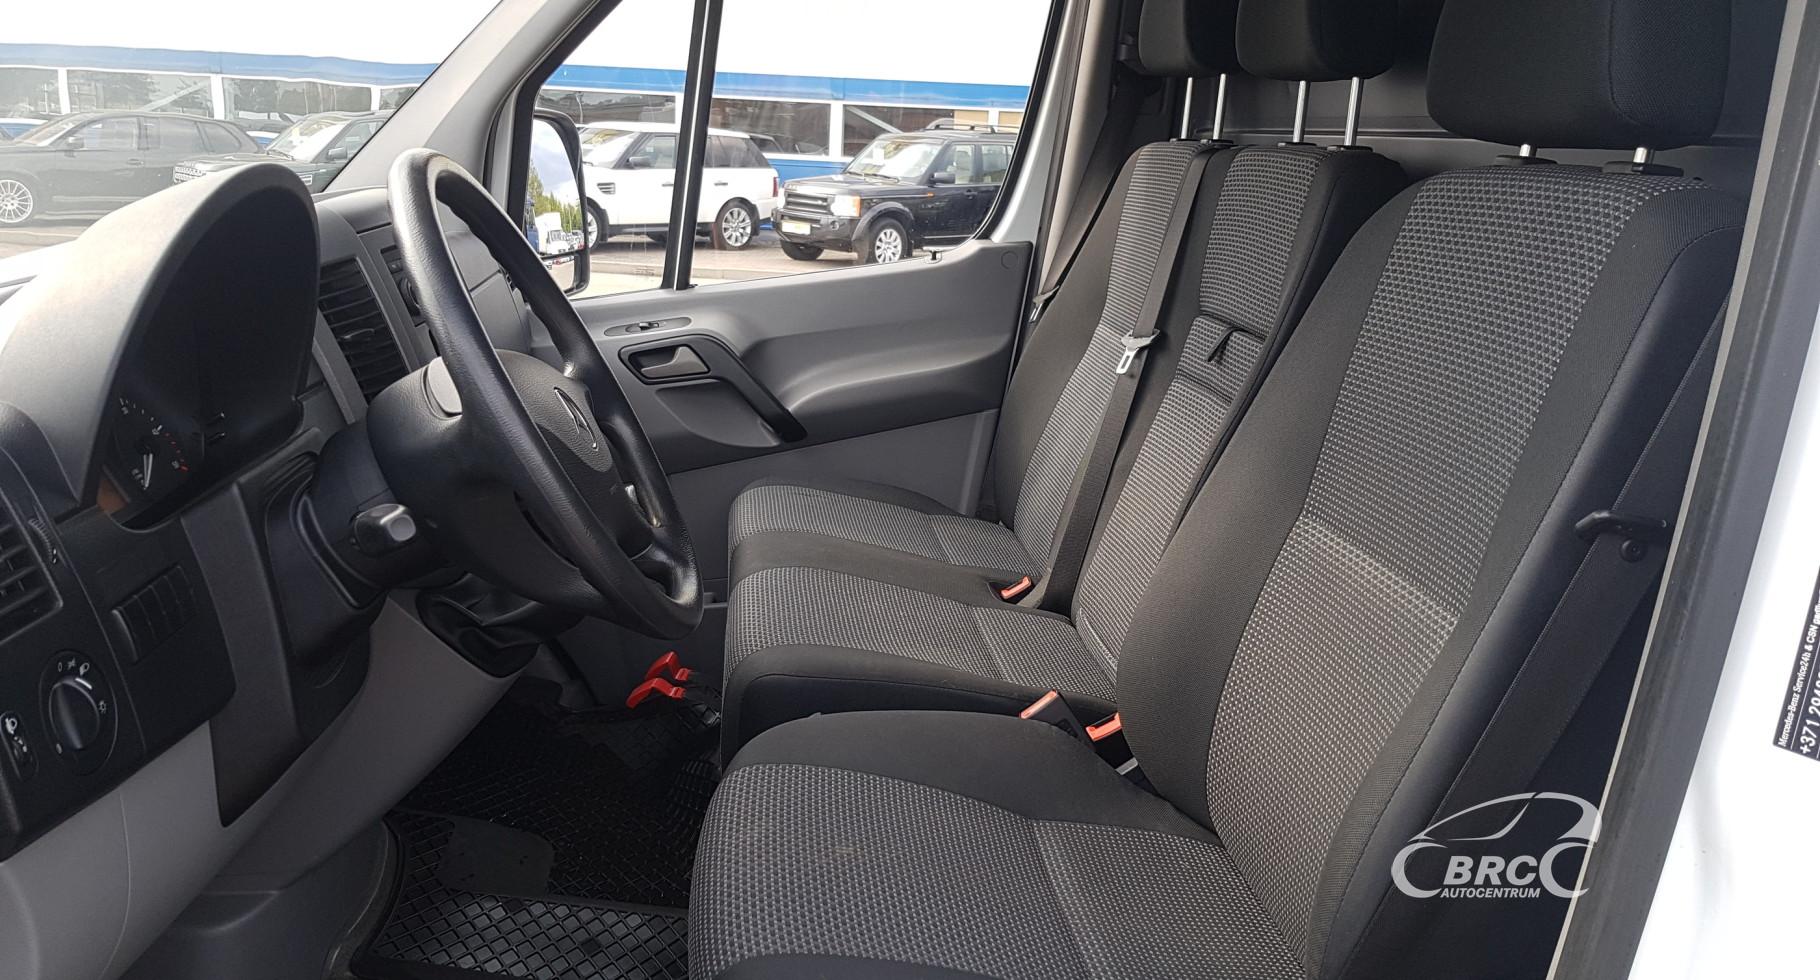 Mercedes-Benz Sprinter Maxi XL, L4H2